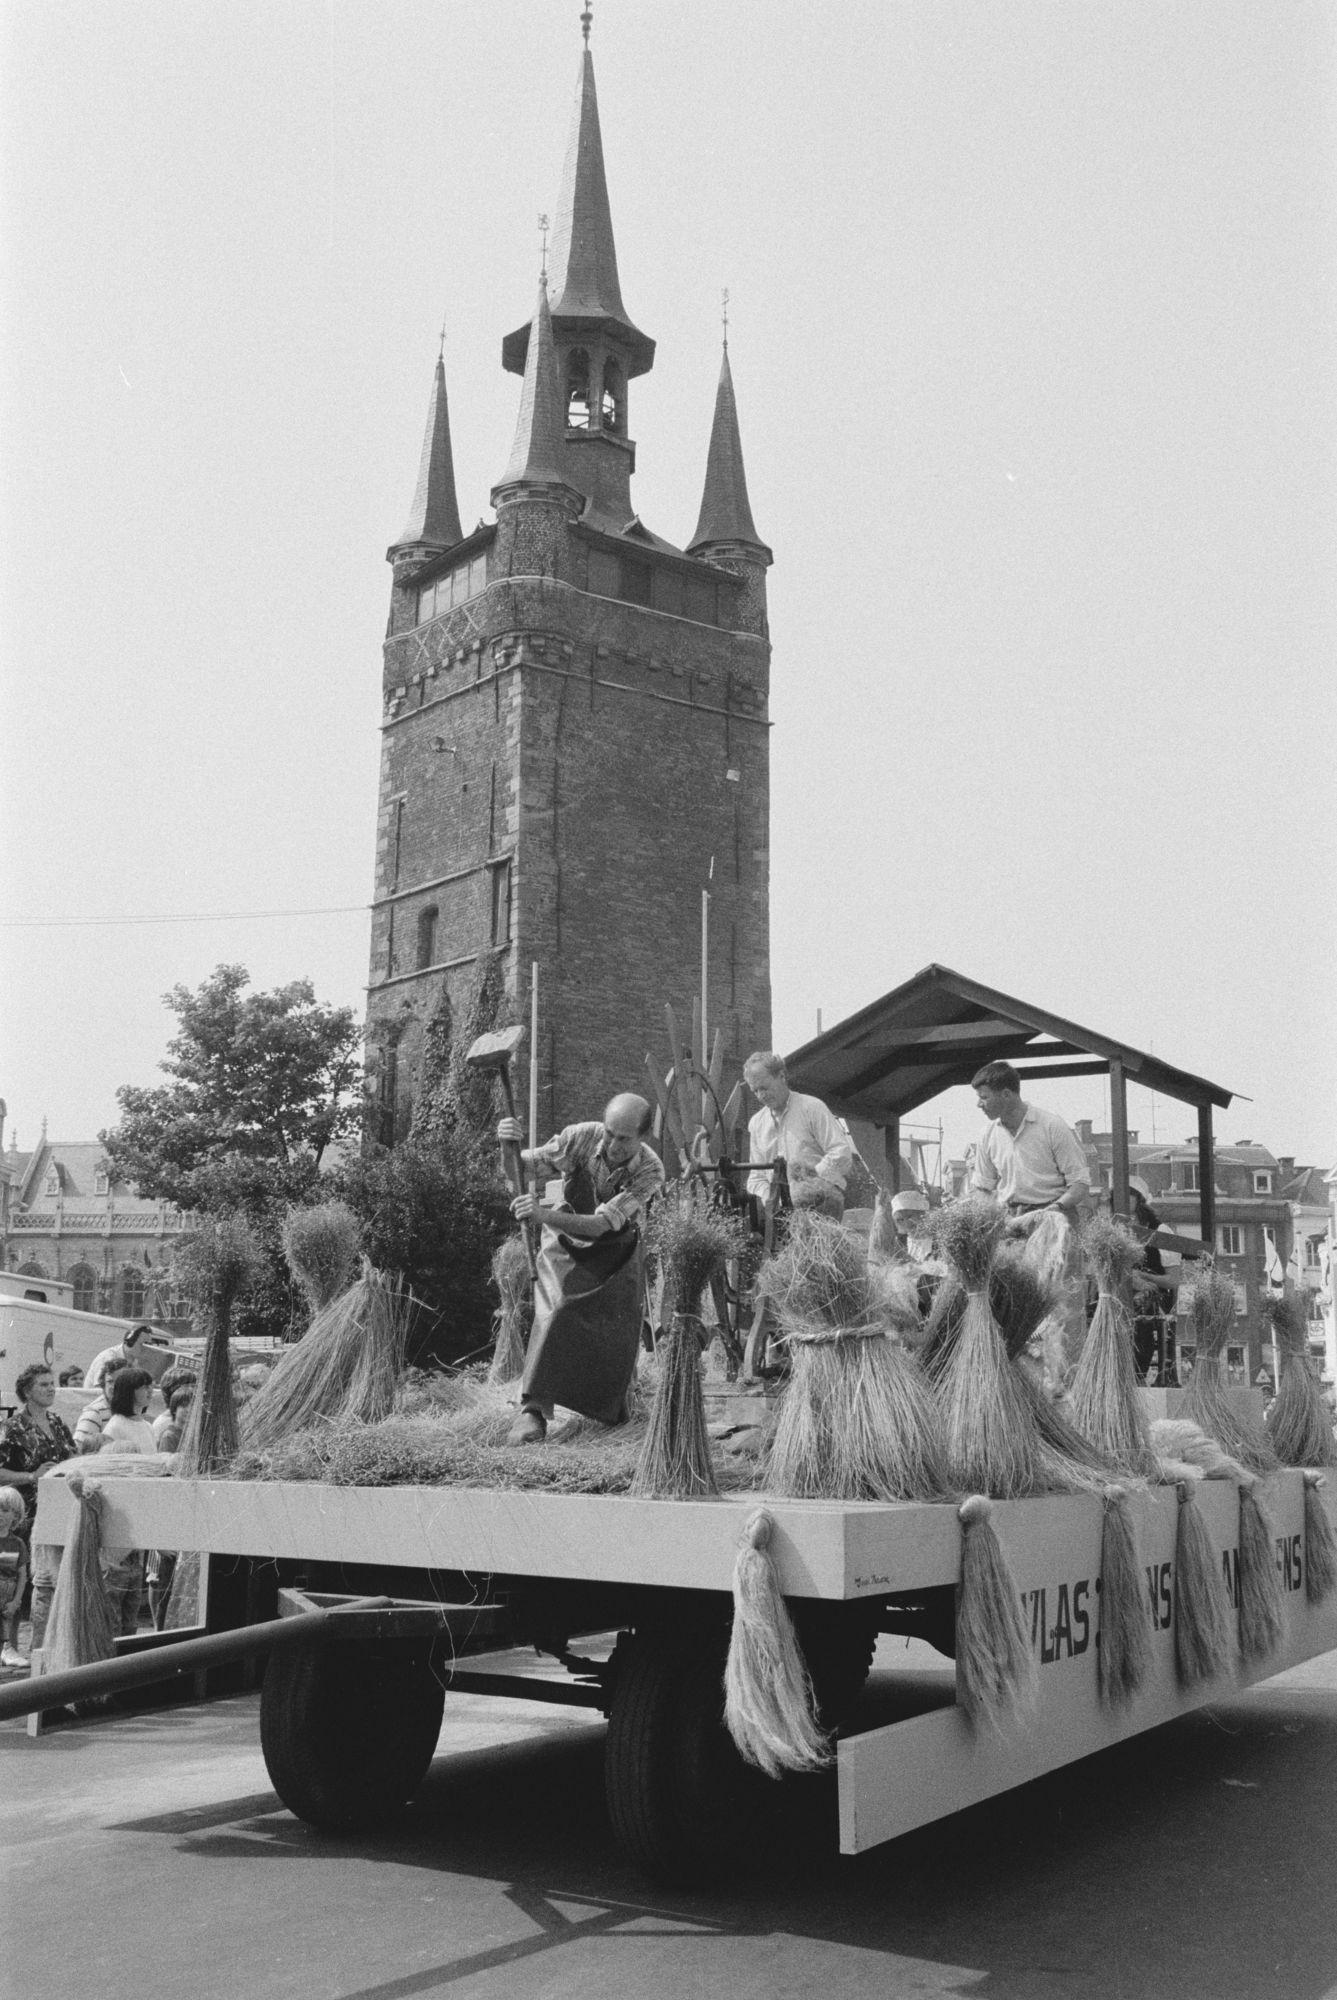 Praalwagen met vlas in de historische stoet tijdens de 11 juliviering 1982